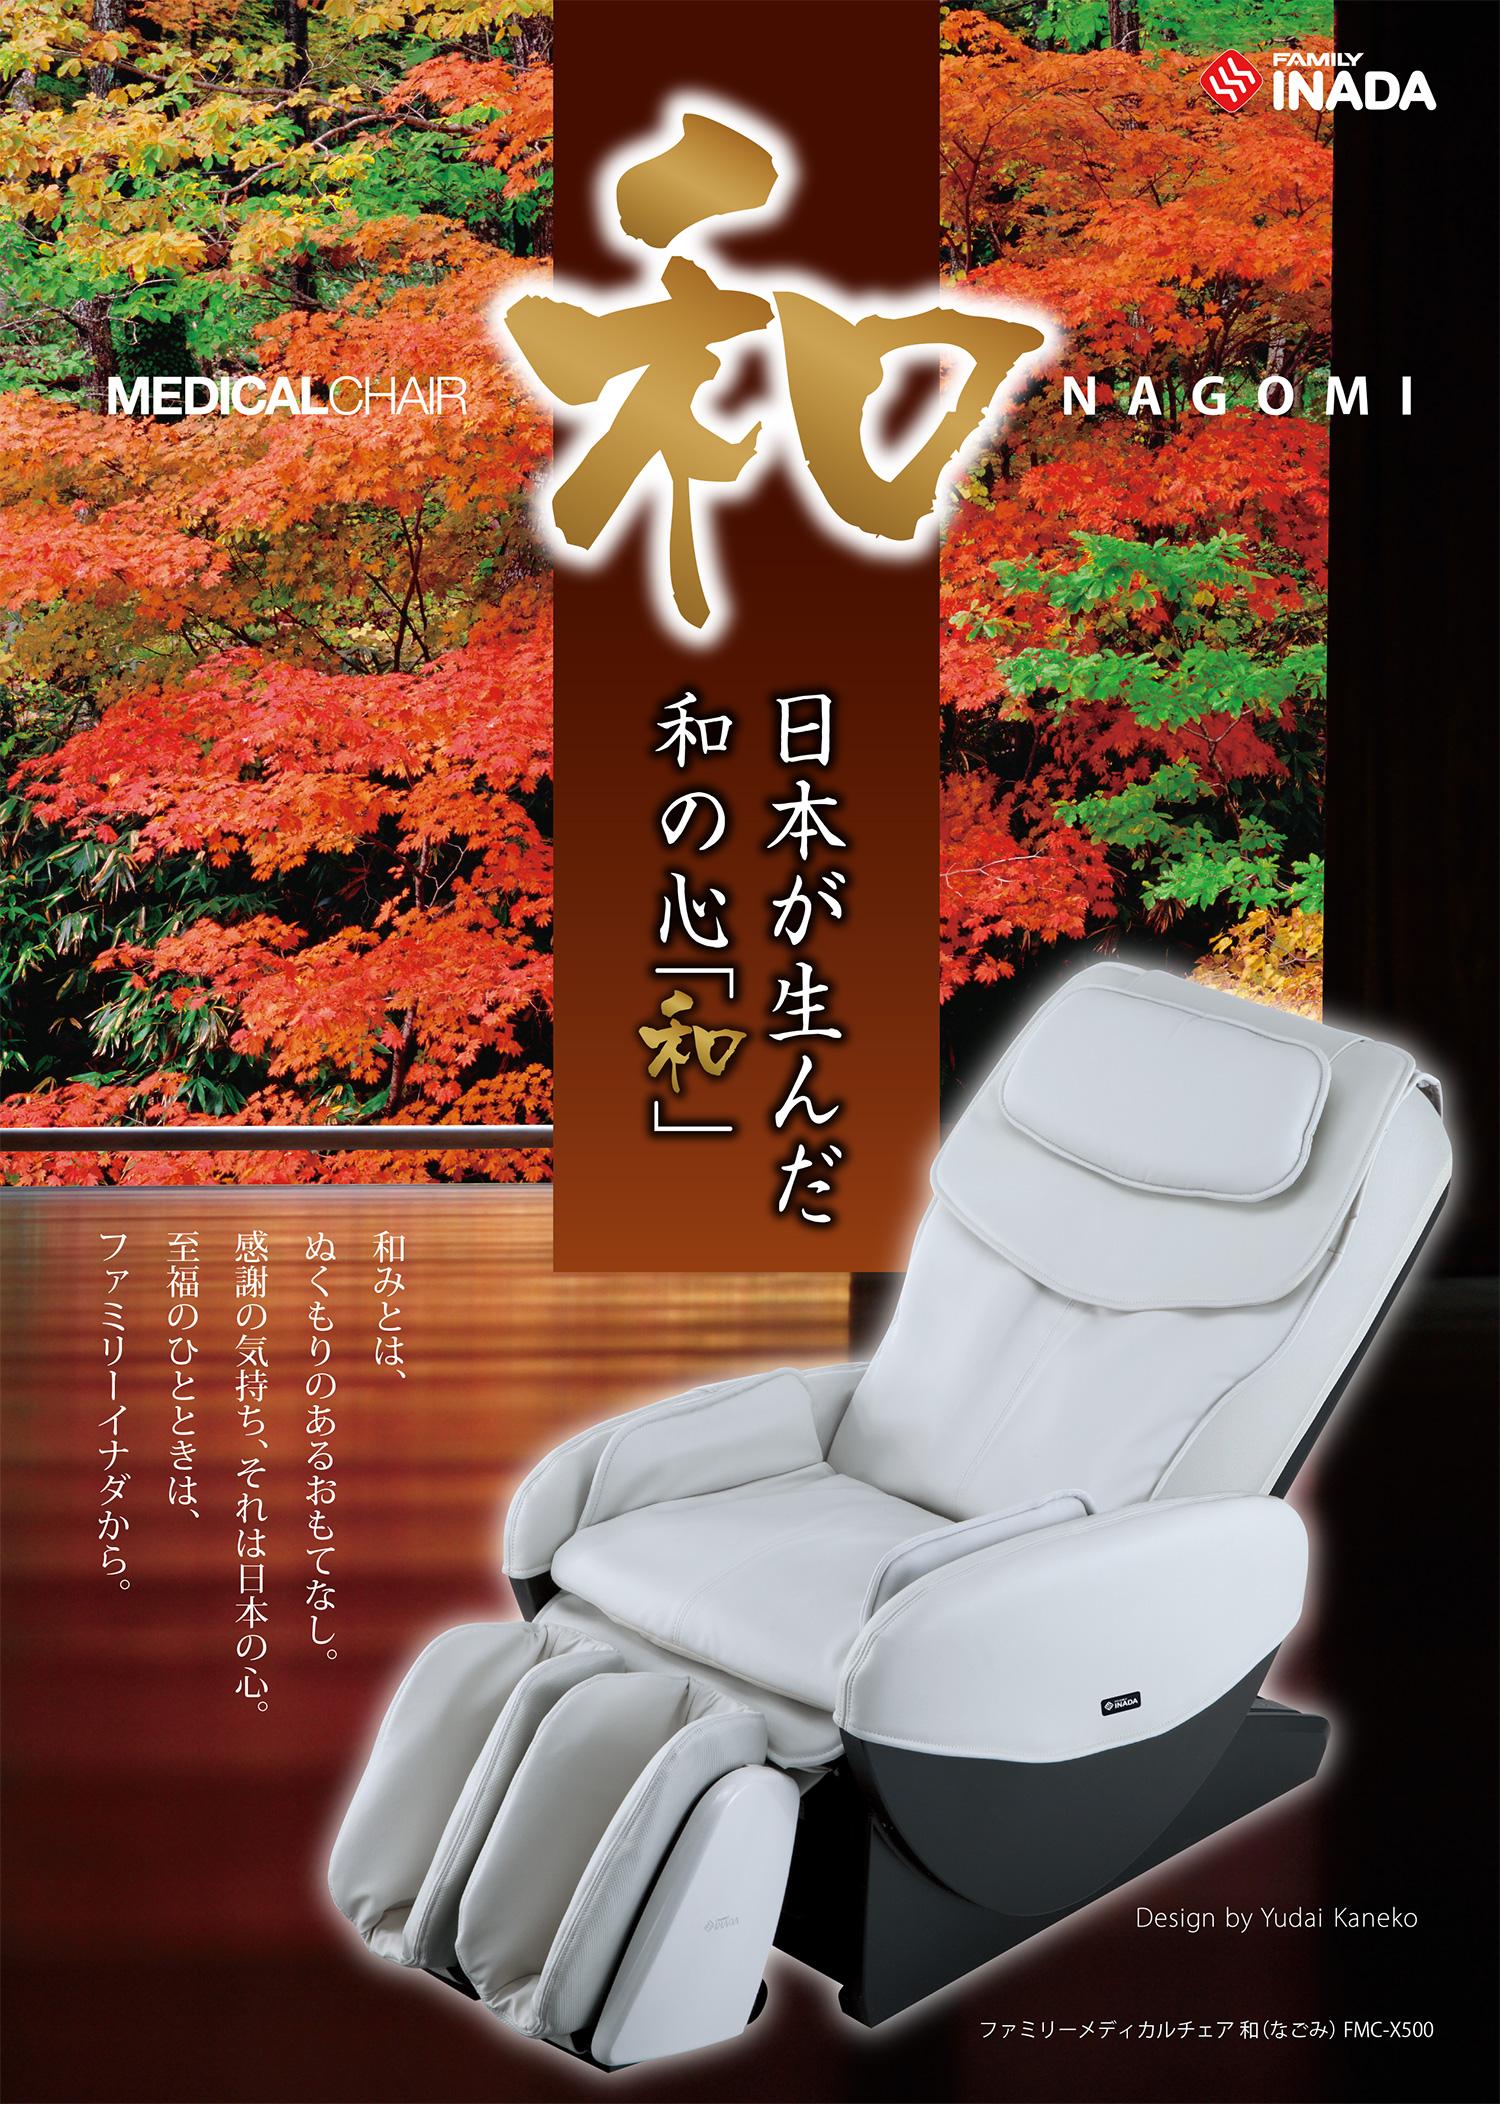 ファミリーメディカルチェア なごみ FMC-X500 日本が生んだ和の心「和(なごみ)」